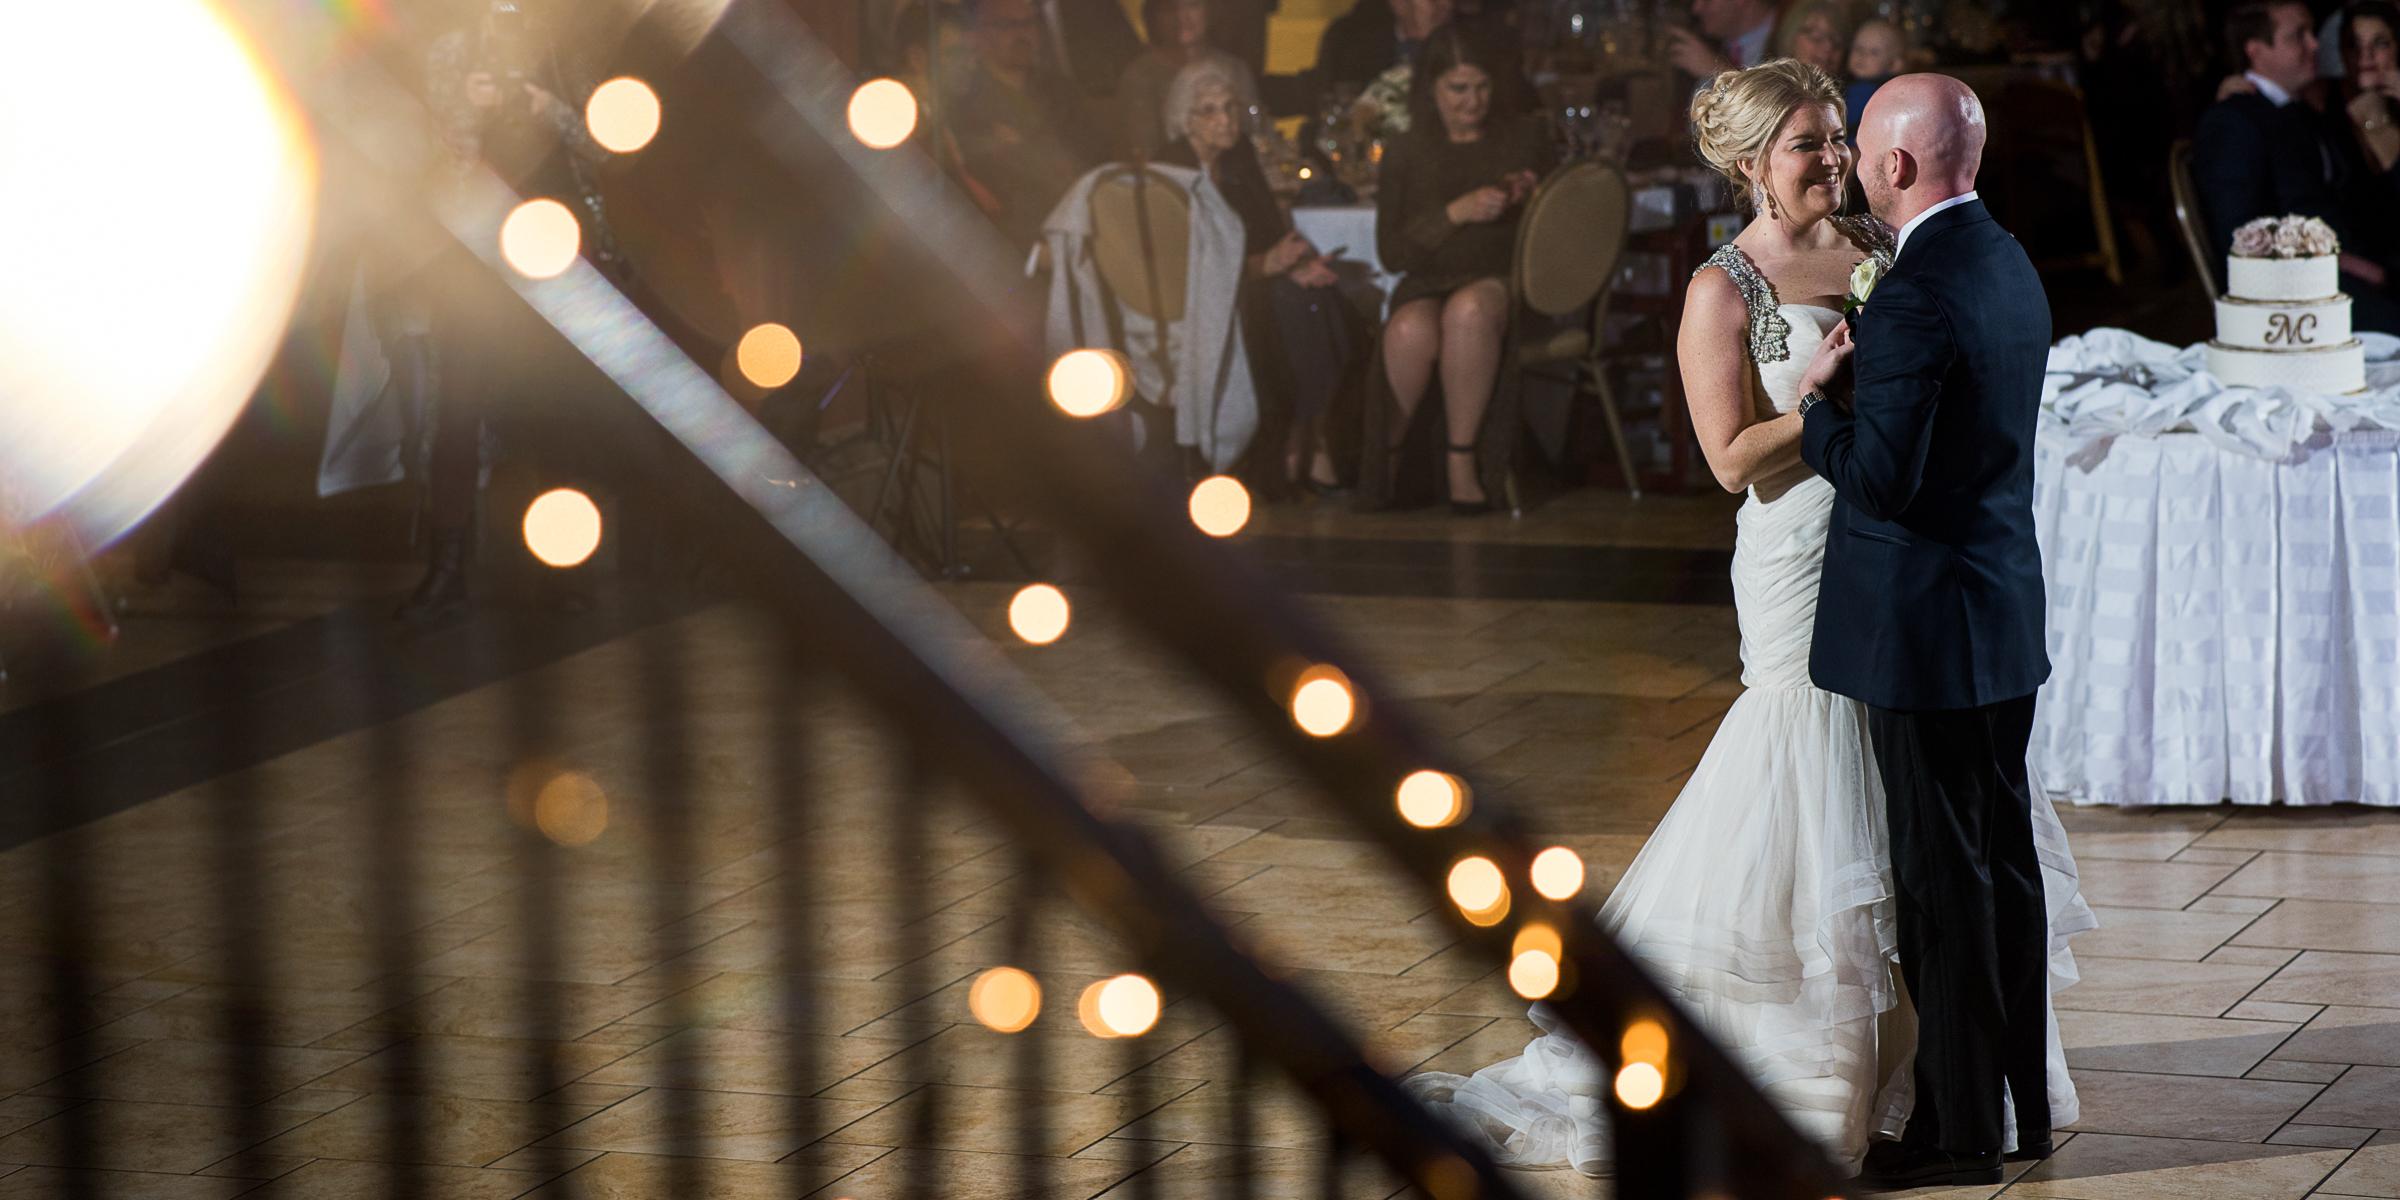 ColumbusWeddingPhotographer_Wedding_WeddingWire-2.jpg